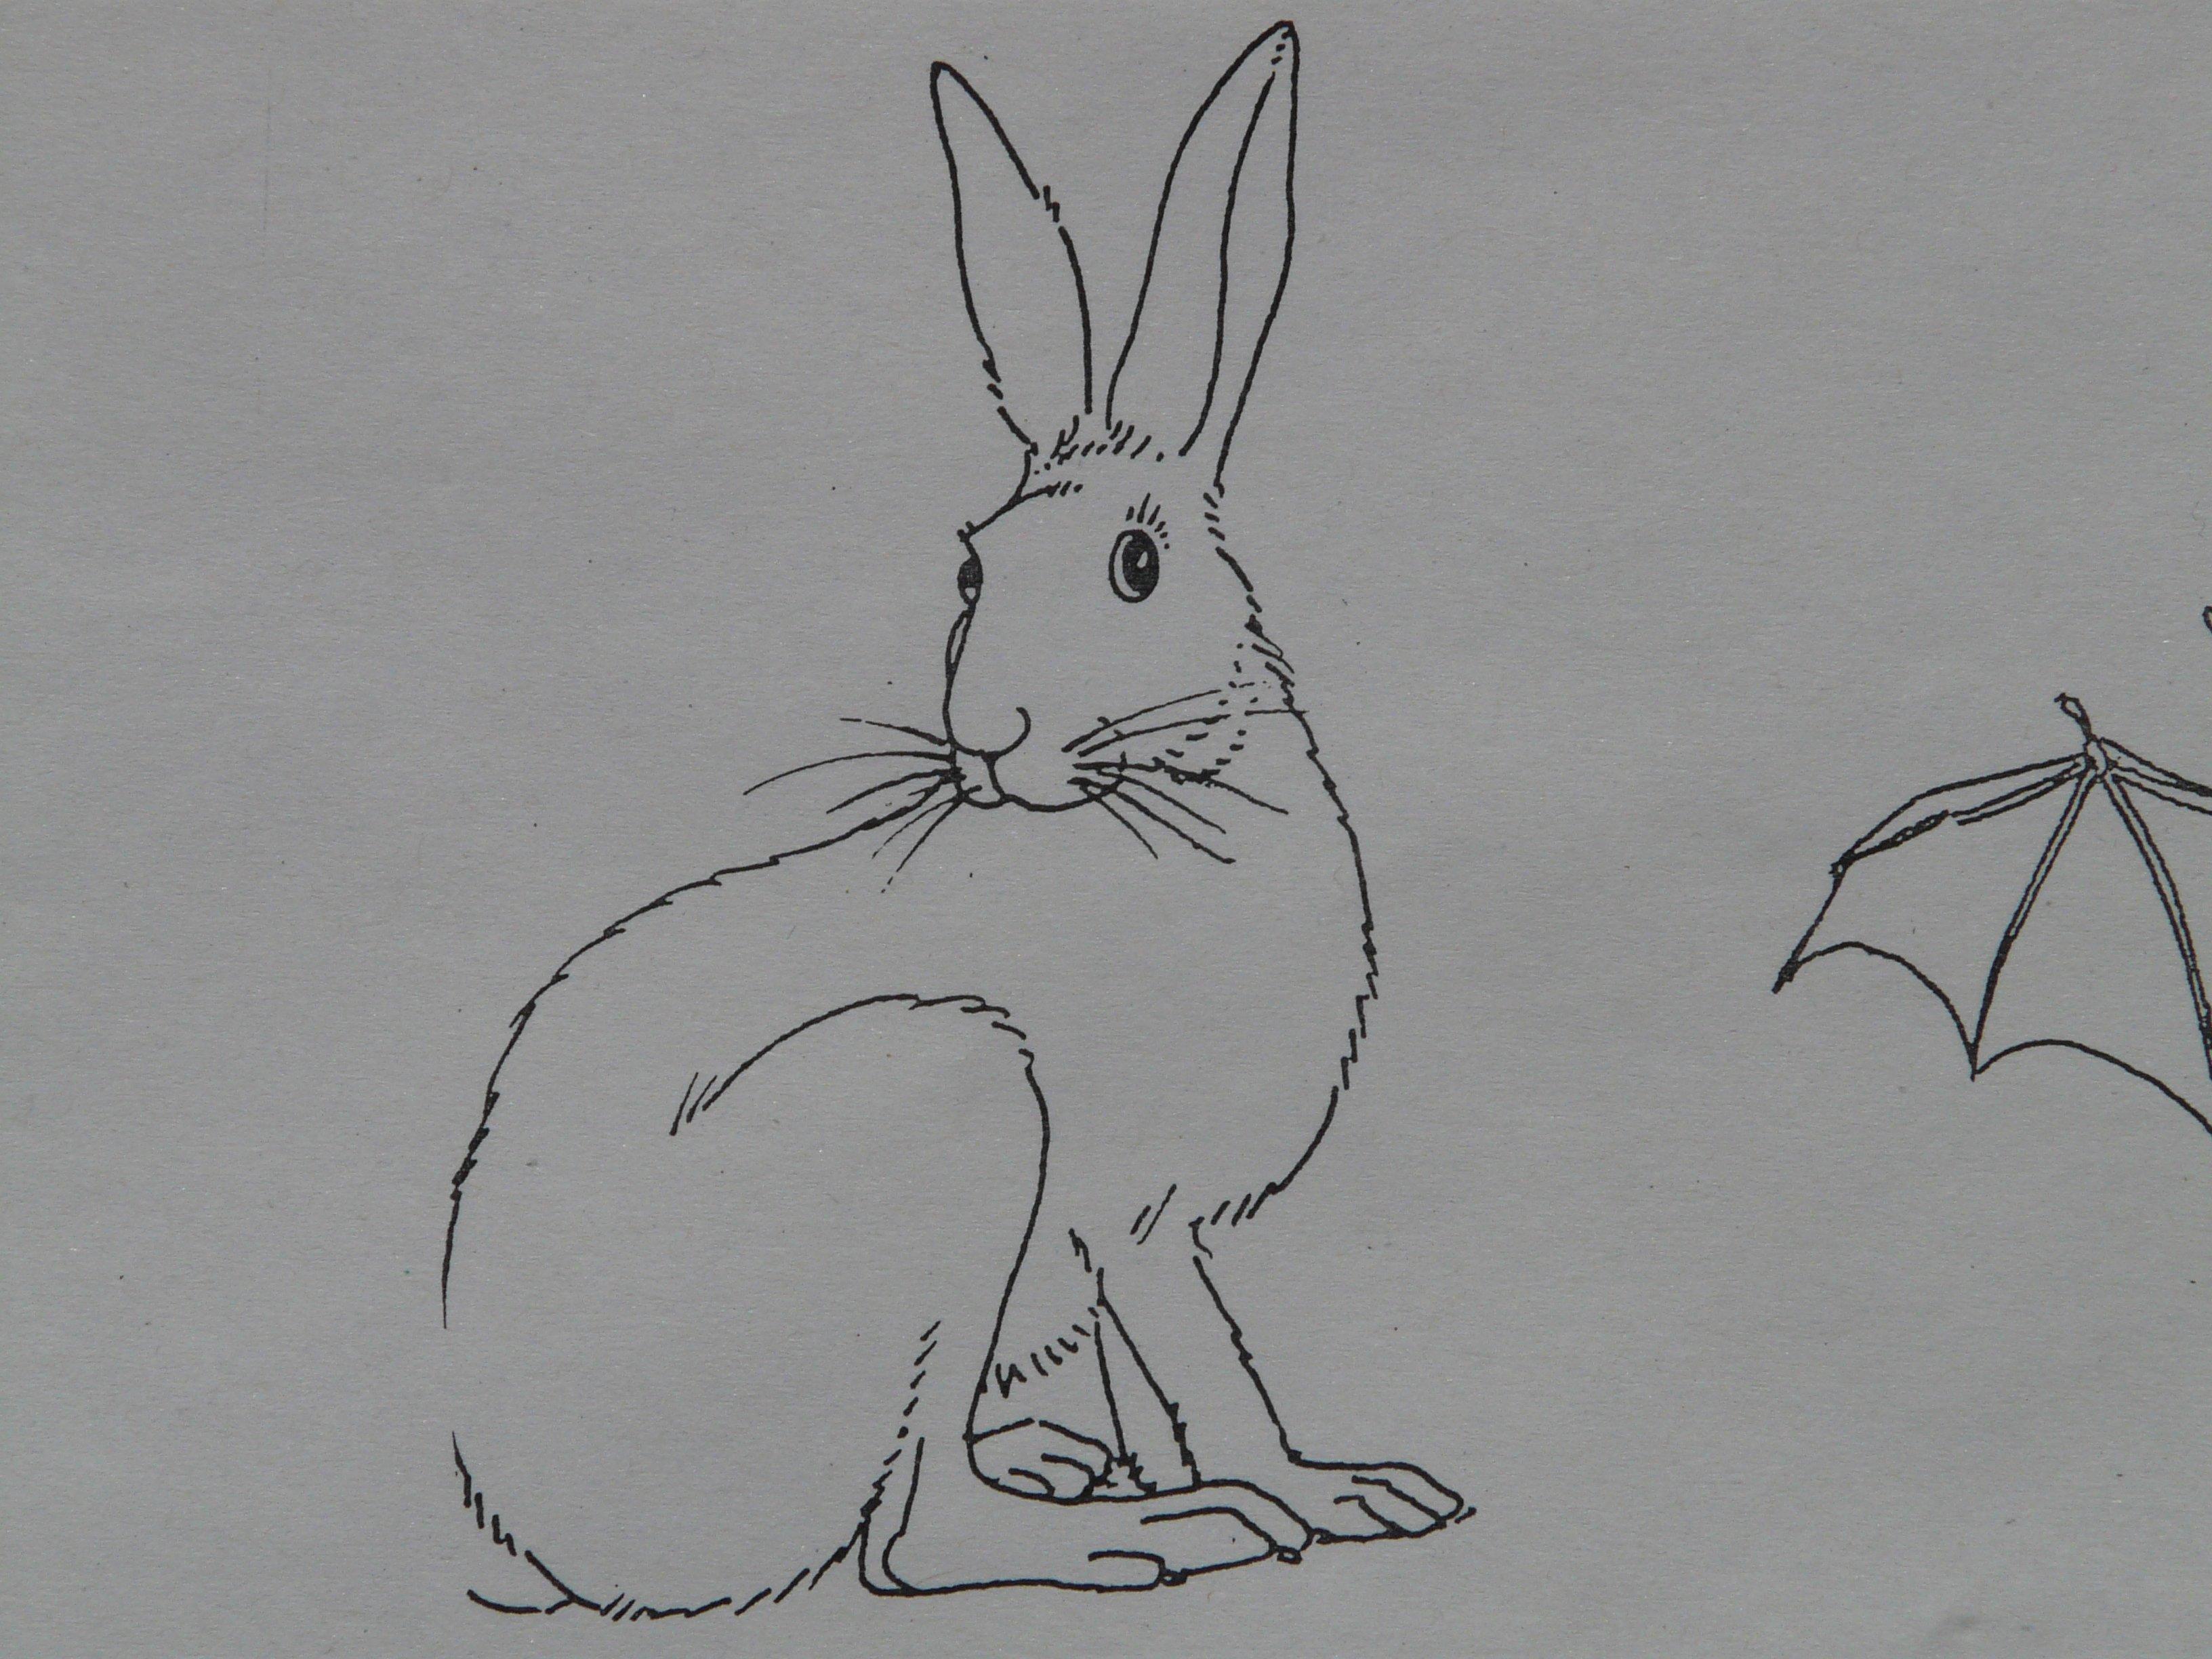 Gambar Hewan Cat Sketsa Gambar Ilustrasi Seri Membayangkan